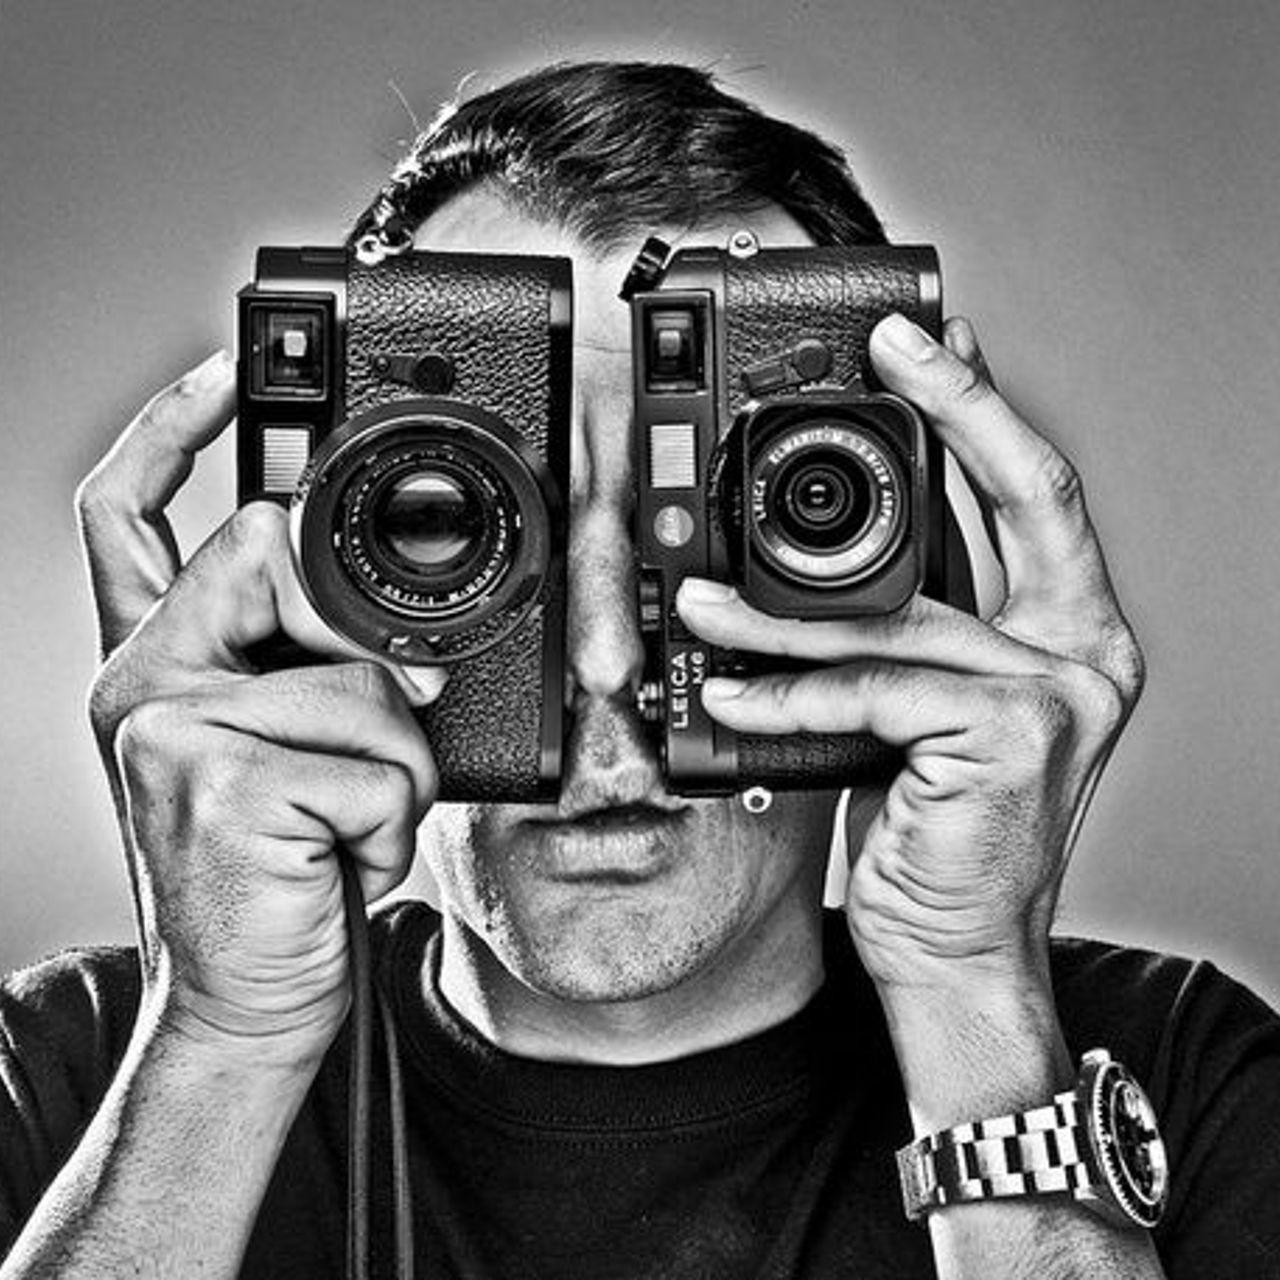 инстаграм самого известного фотографа можно